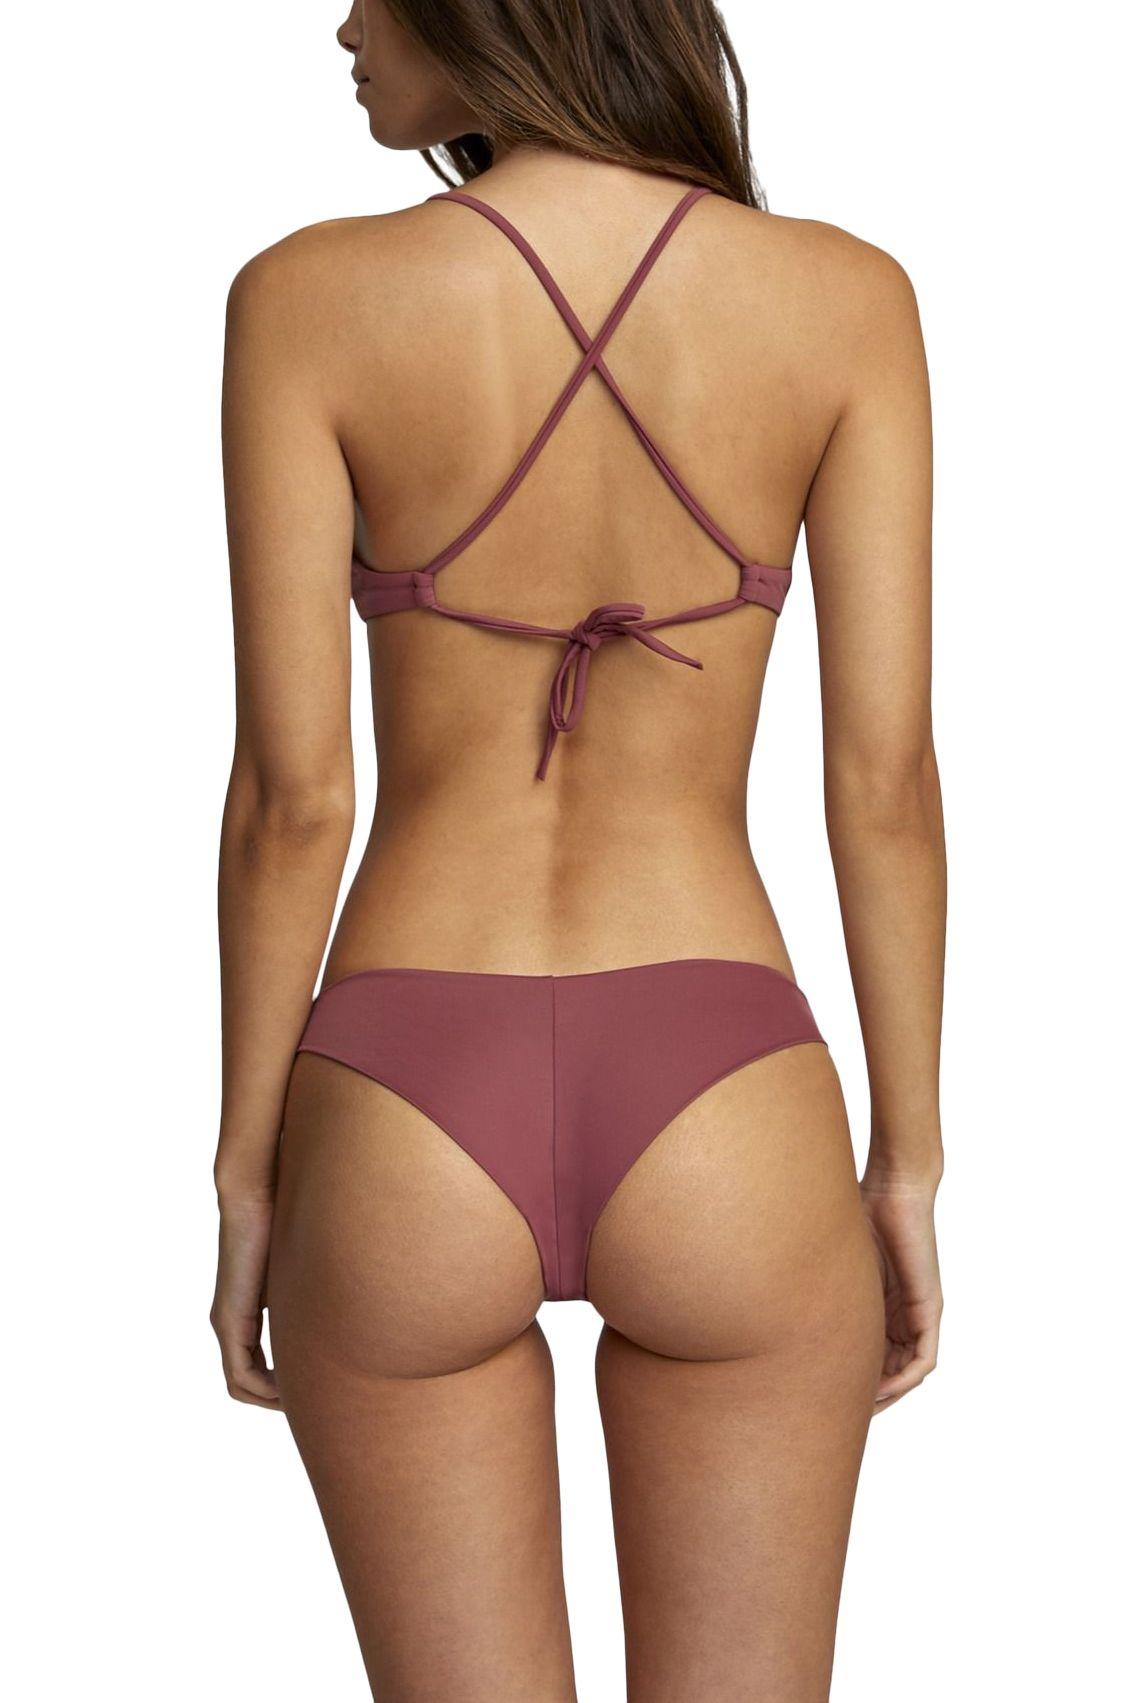 Bikini Top RVCA SOLID CROSSBACK Plumberry